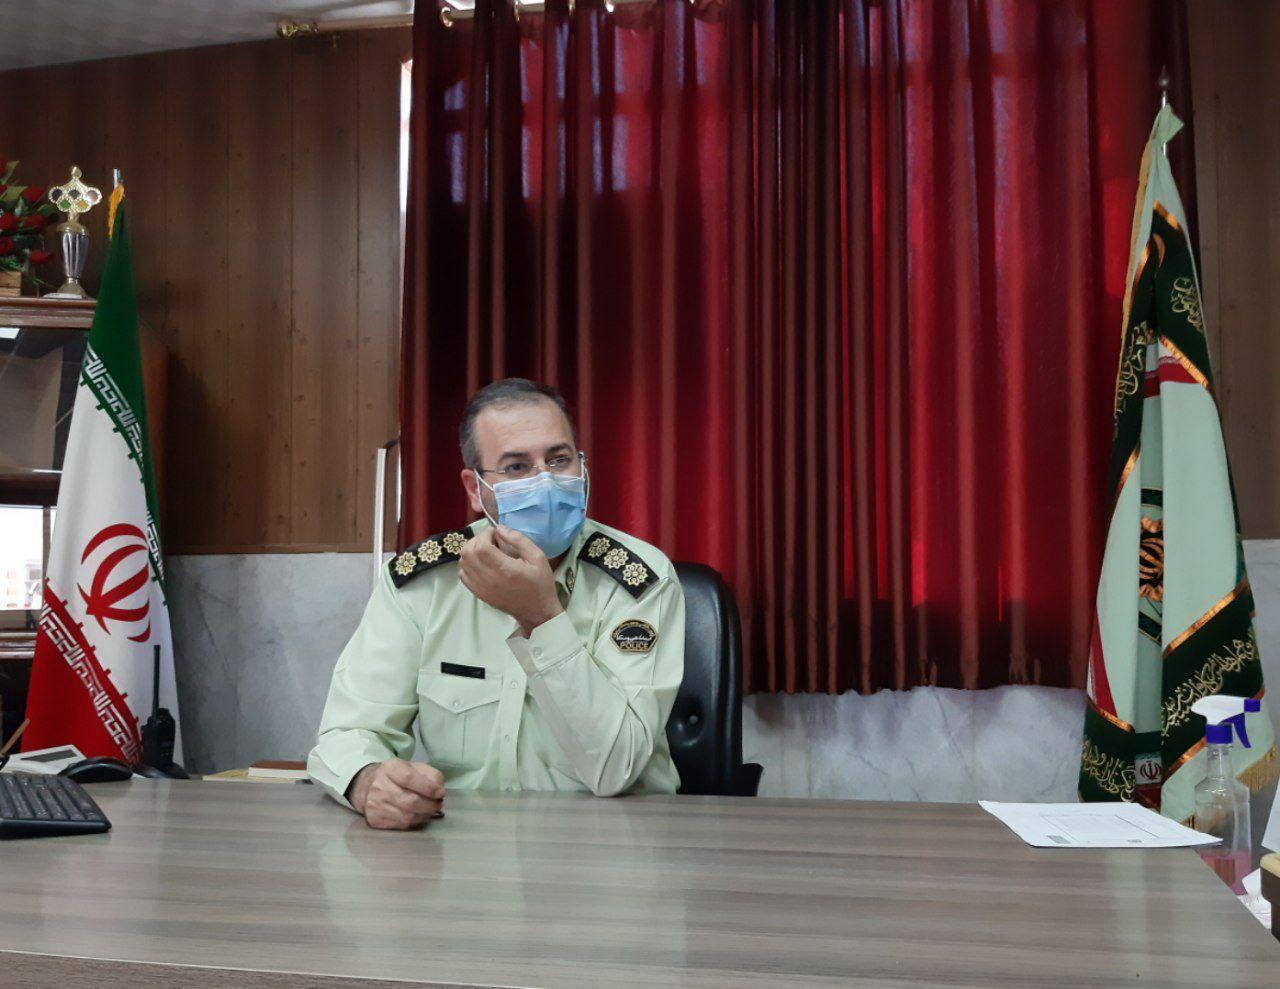 دستگیری ۱۲ سارق و کشف ۷۲ فقره انواع سرقت در بهارستان